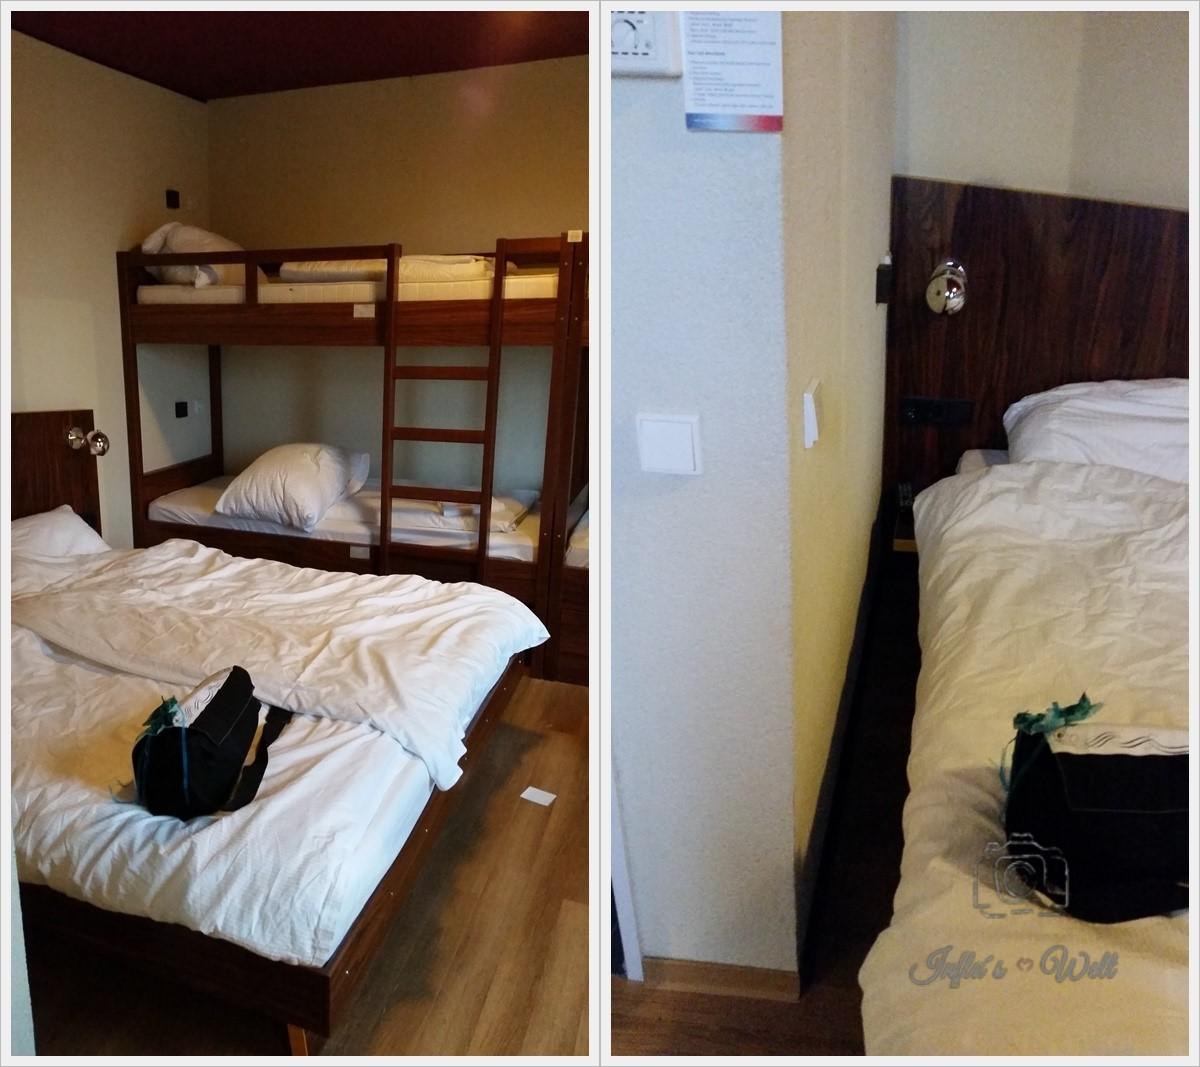 Einblick in ein Sechsbettzimmer des Meininger Frankfurt Airport Hotels